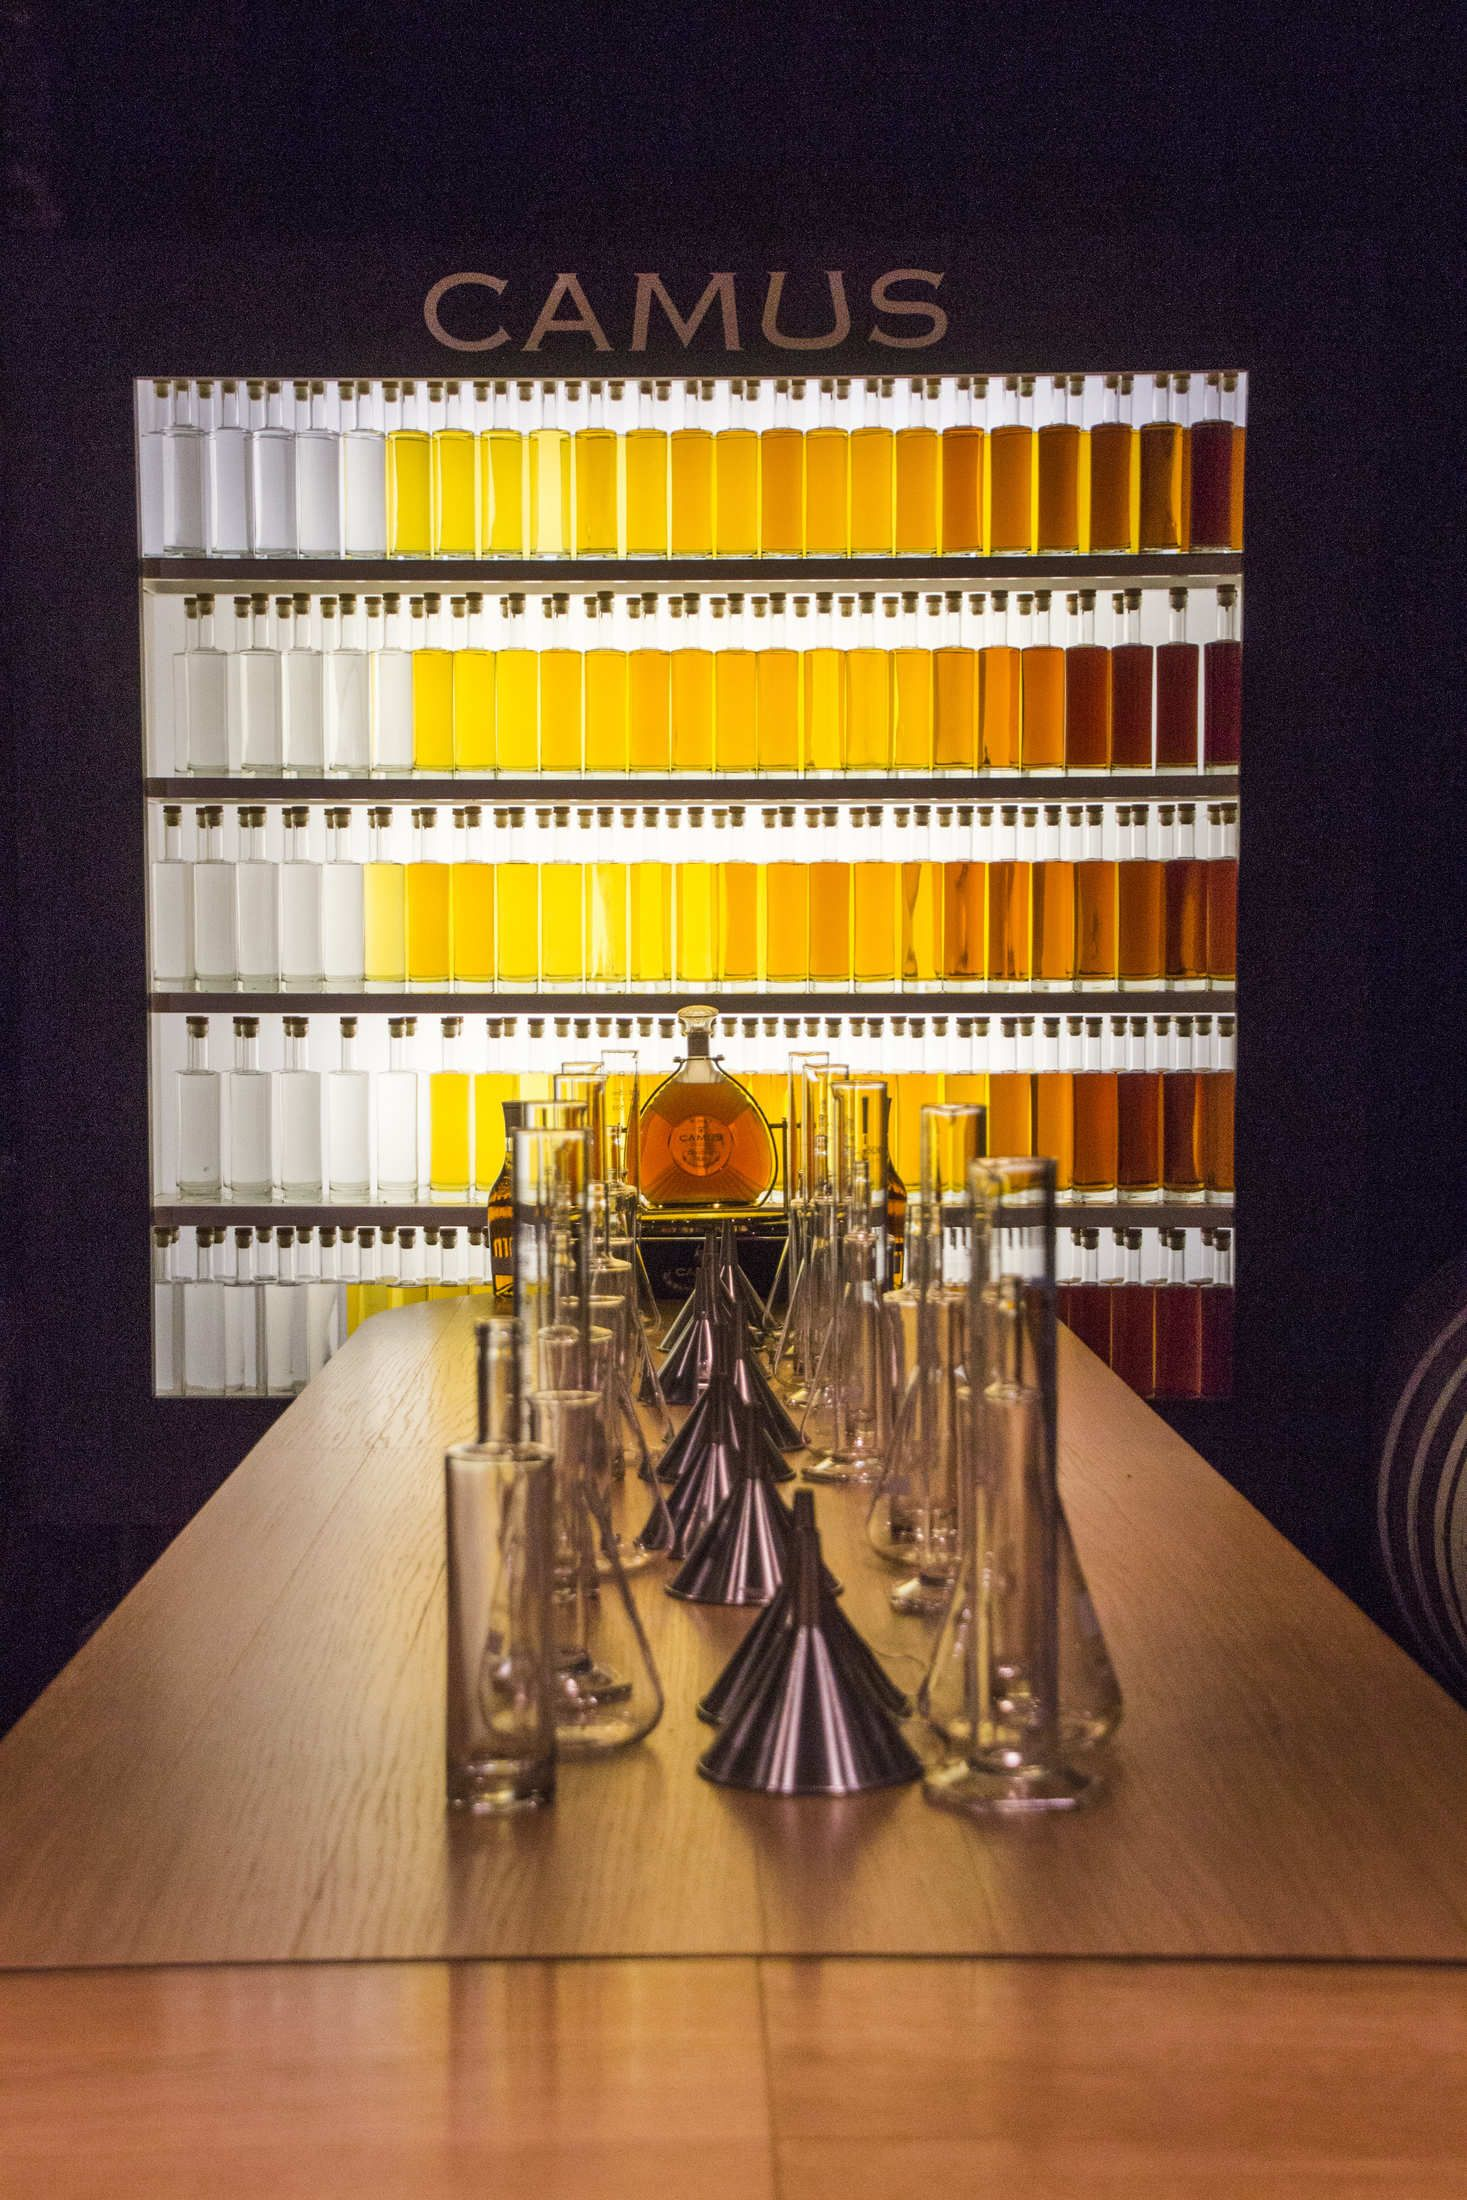 【法國】第一推薦 – 來干邑必參觀的白蘭地酒廠 Camus(卡慕)